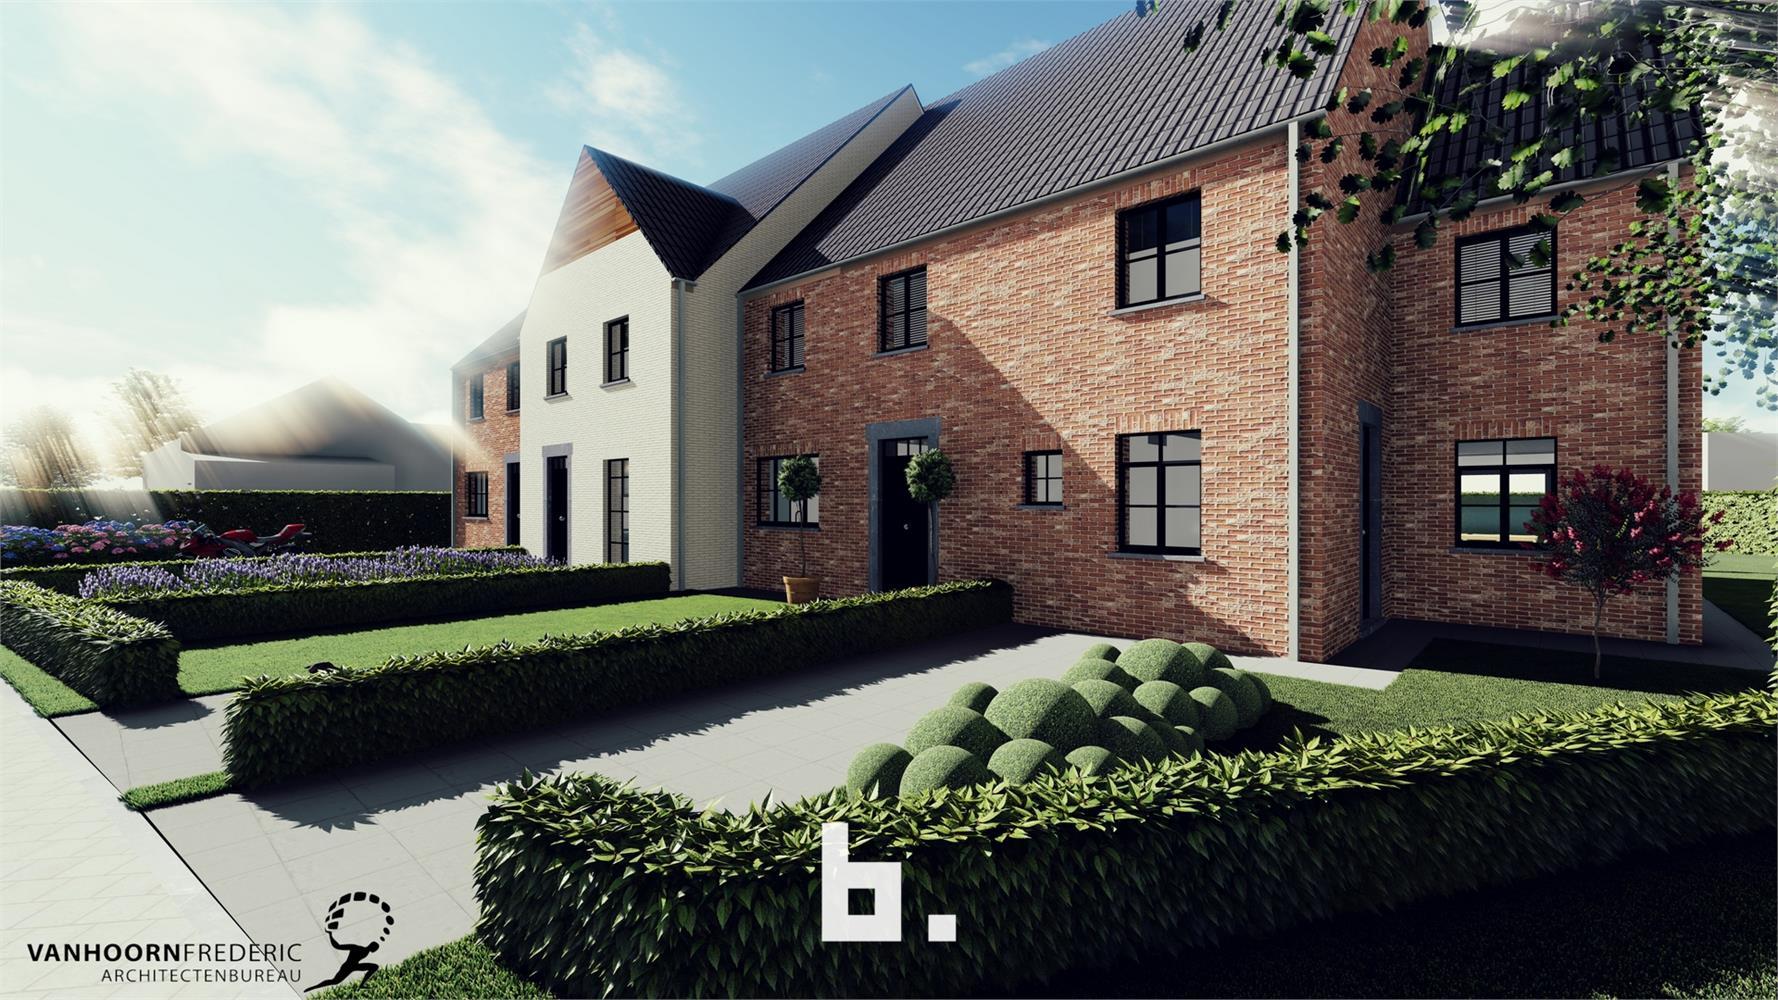 Verkaveling d' Oude Scheure - Traditionele nieuwbouw woningen in tijdloze pastoriestijl